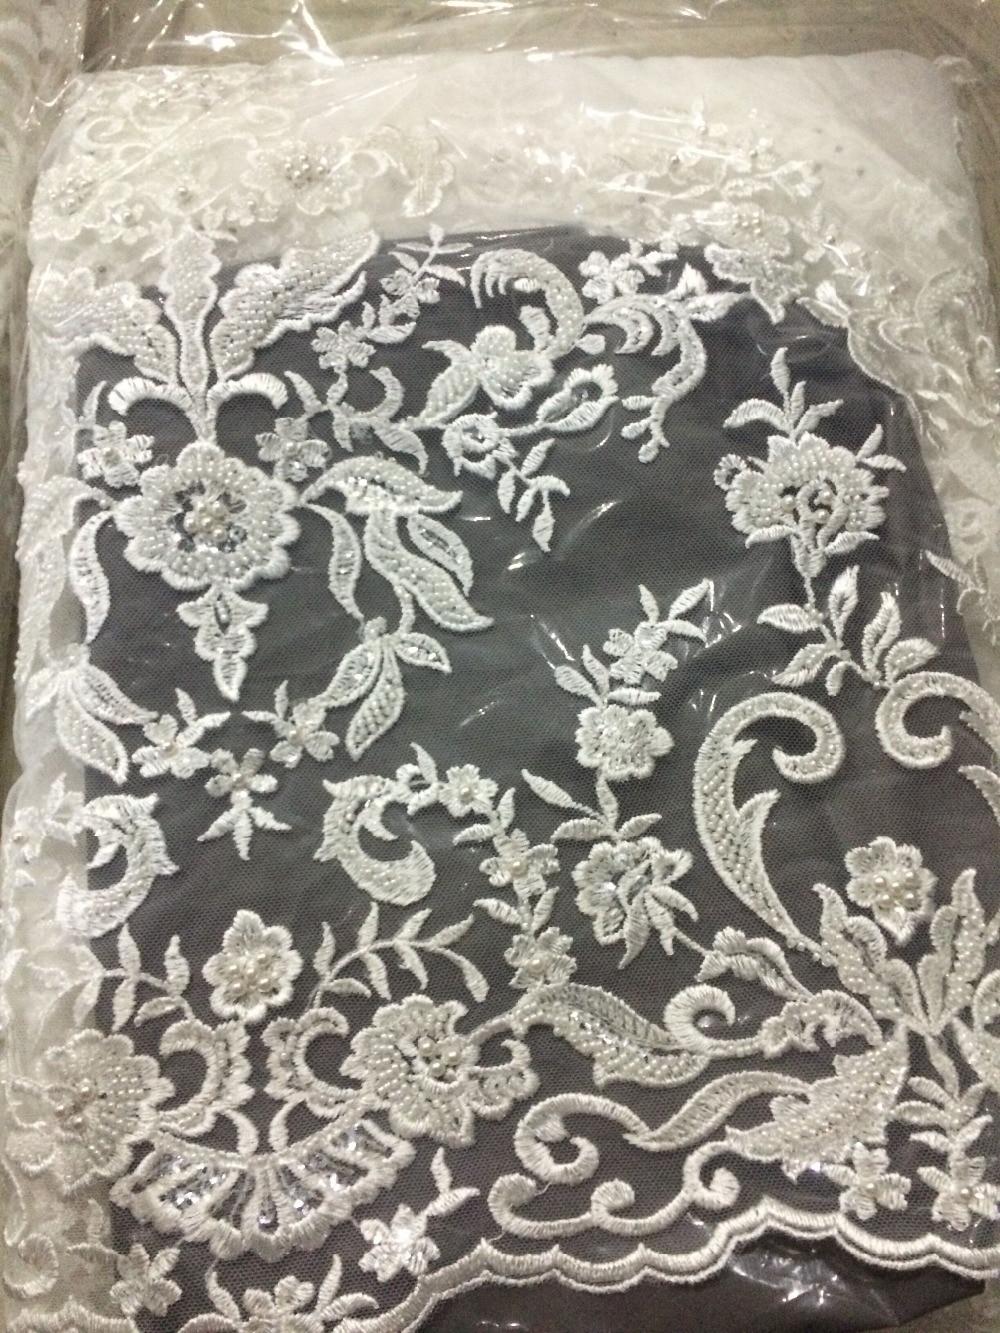 LJY 62029 tela de encaje francés africano de alta calidad tela de encaje de tul bordado africano para boda-in encaje from Hogar y Mascotas    1